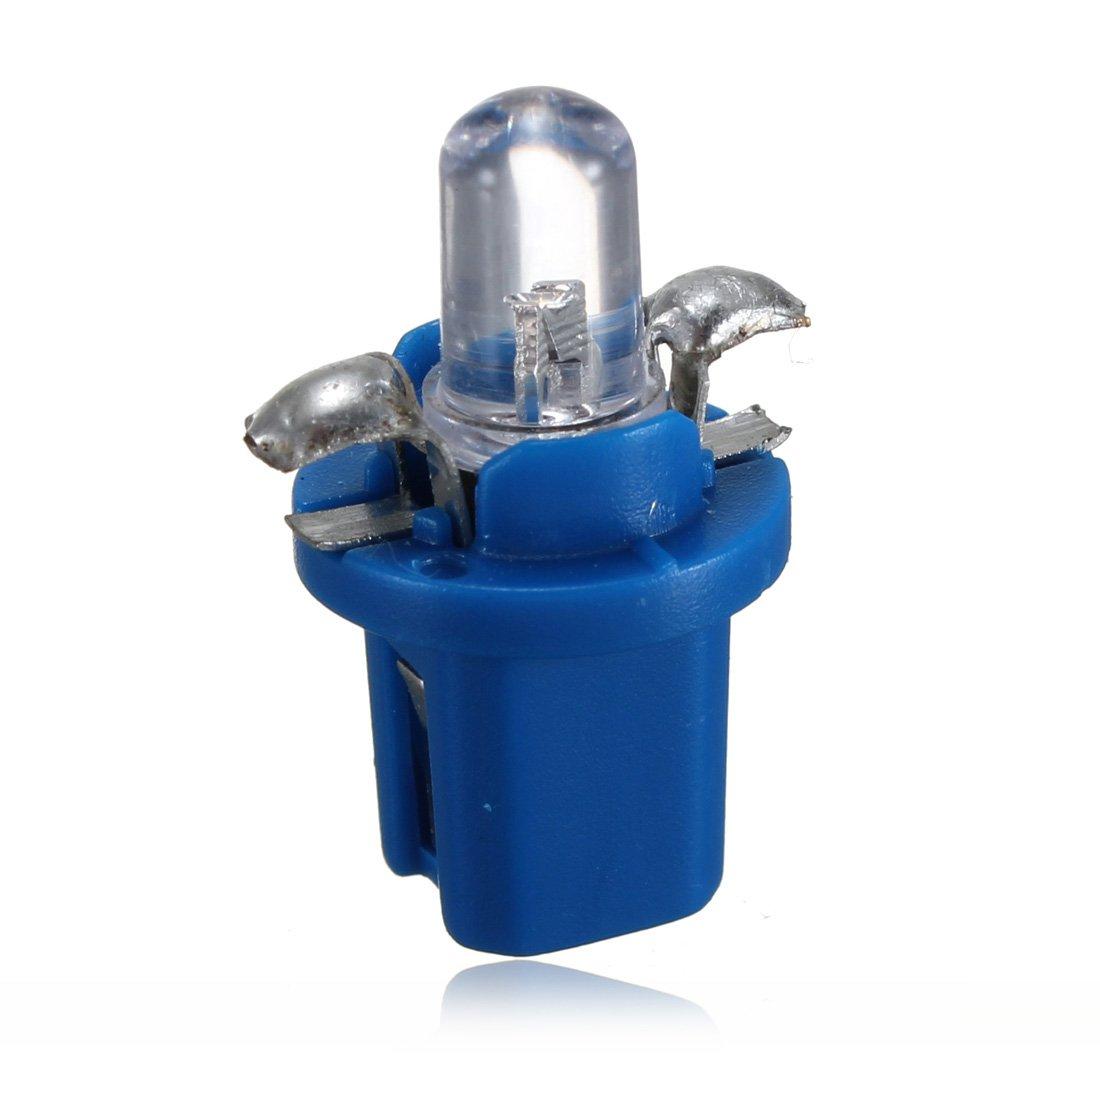 10x ampoule led compteur tableau de bord b8 5d t5 lampe avec support bleu wt 4894462150764 ebay